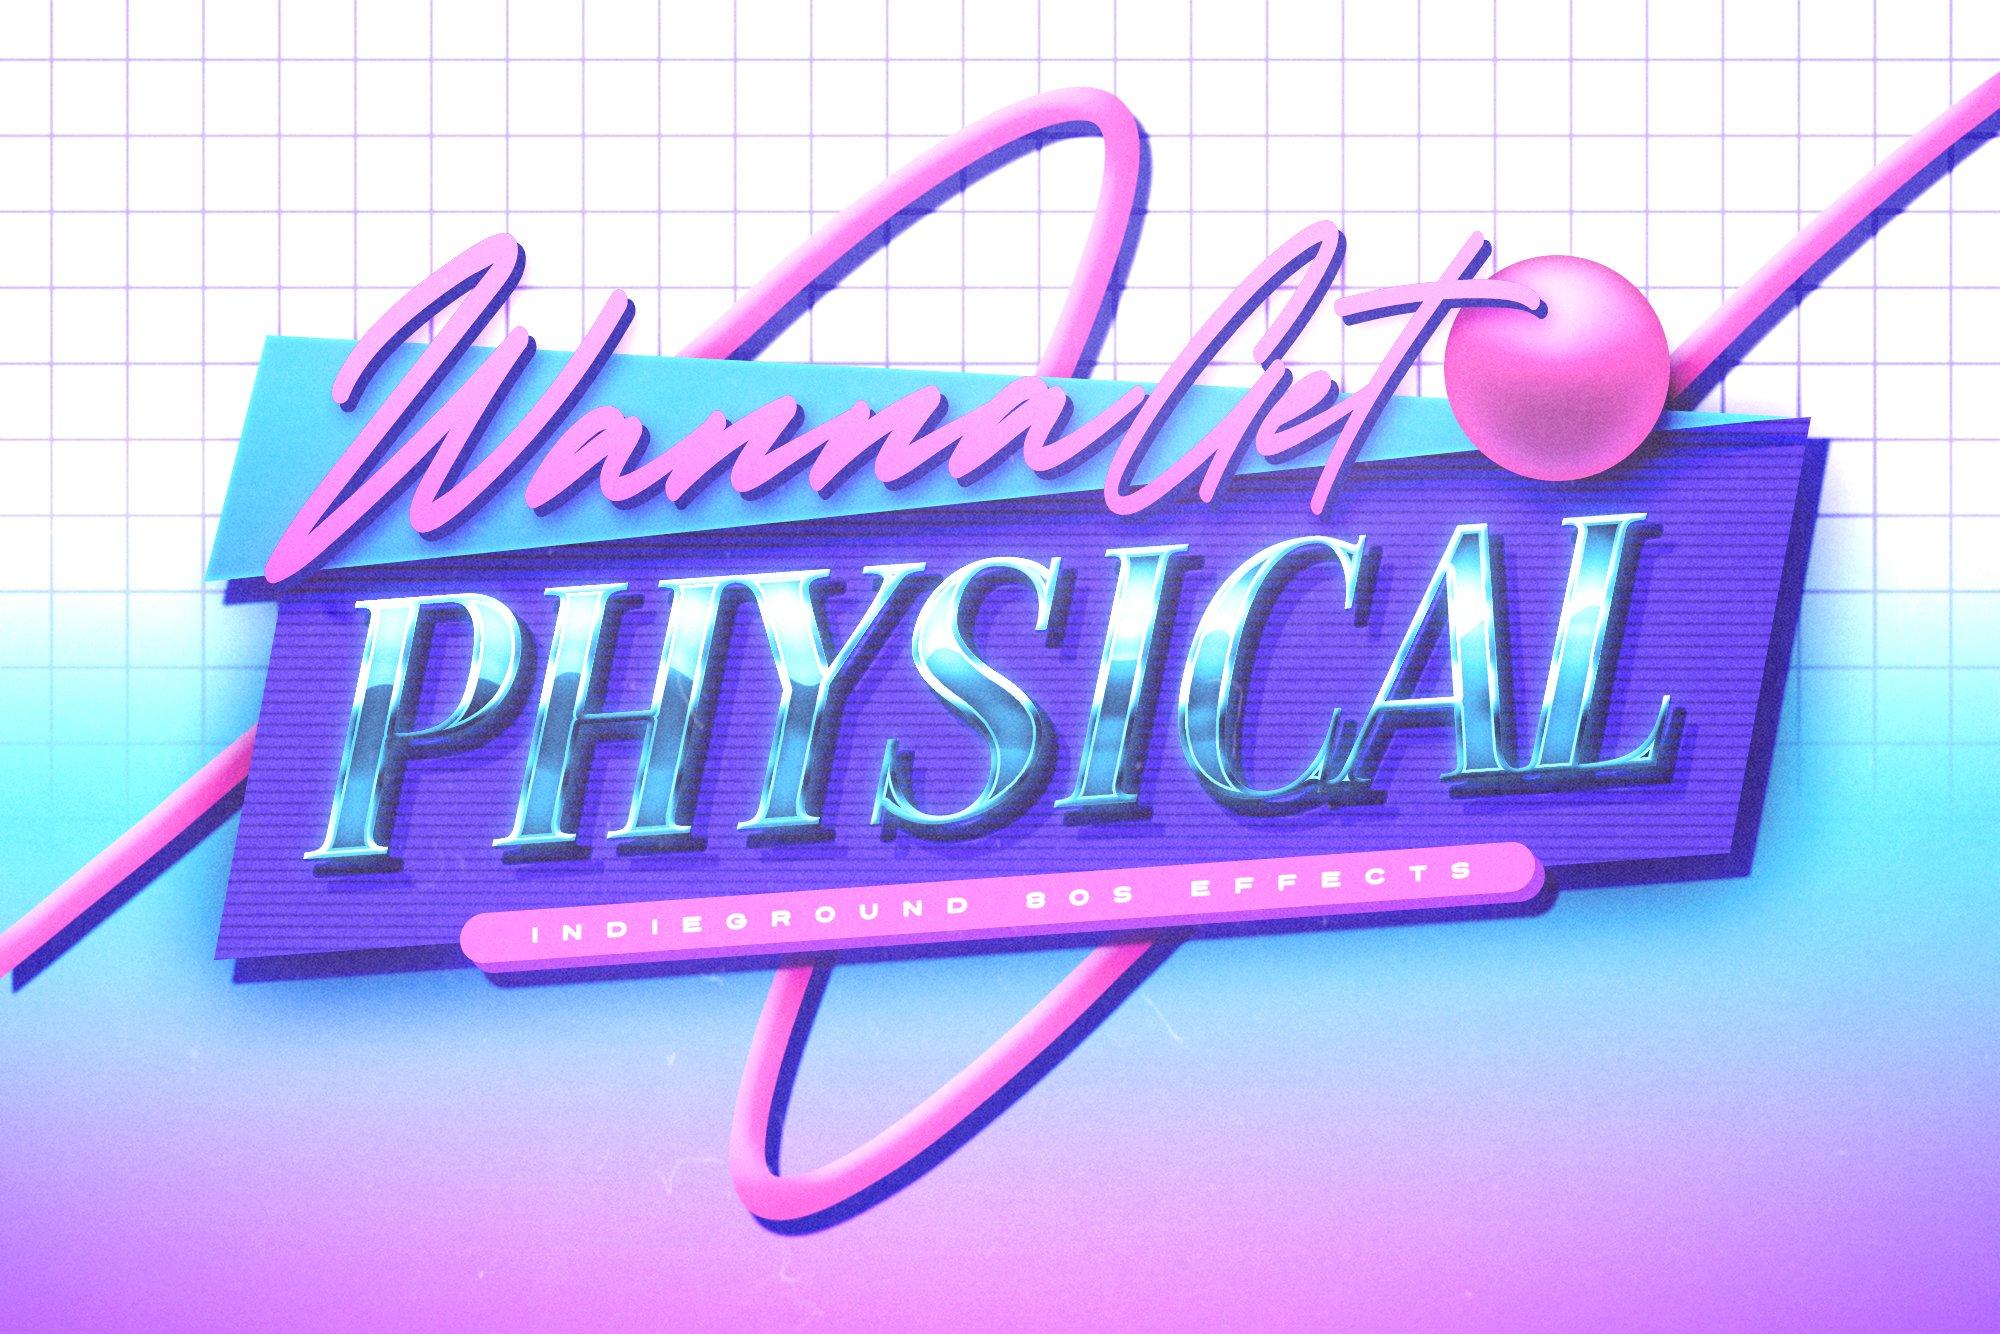 炫酷80年代复古蒸汽朋克3D海报标题文字设计PS样式模板 80s Text Effects Vol.3插图(7)